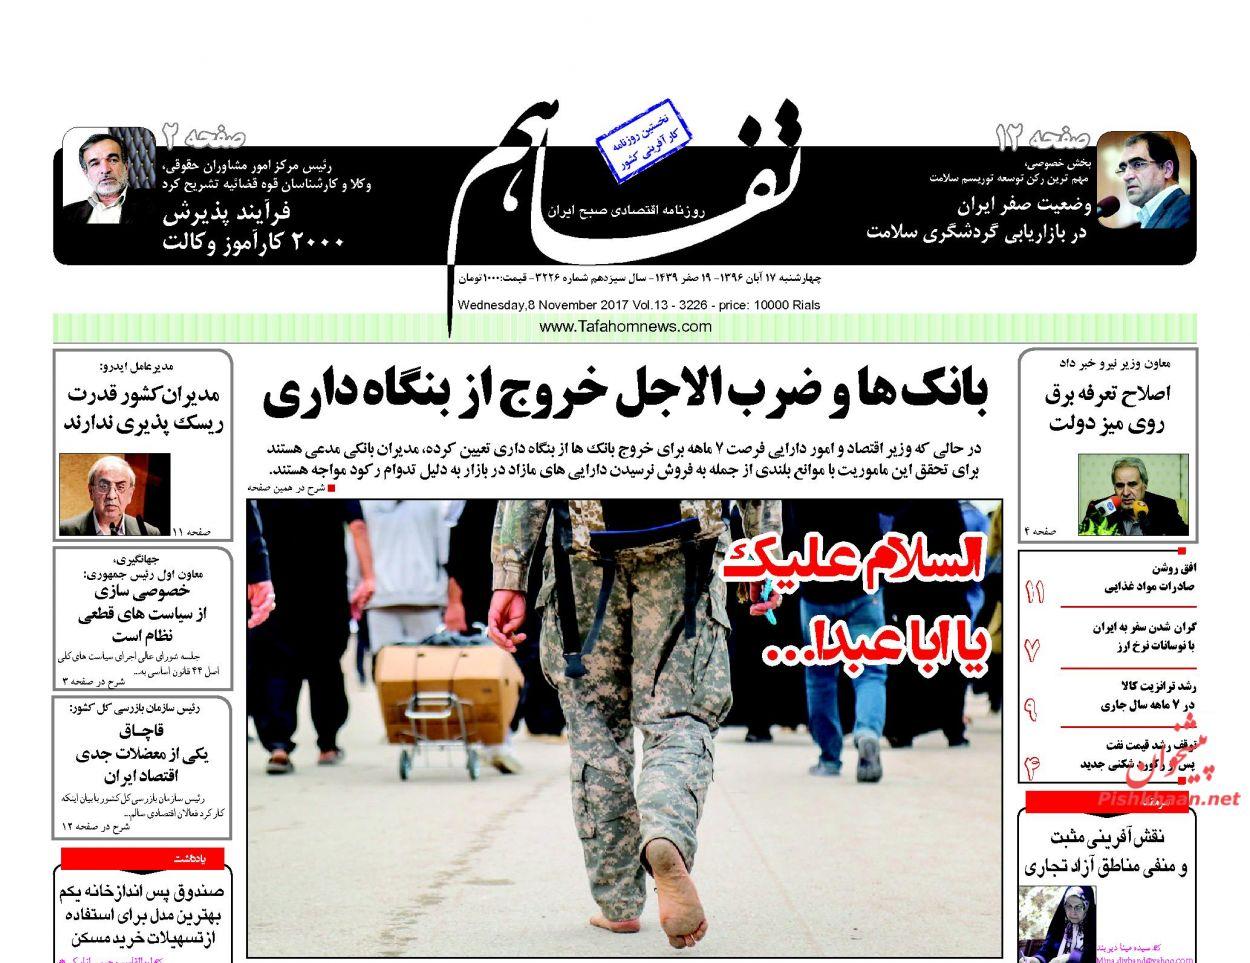 روزنامههای اقتصادی چهارشنبه ۱۷ آبان ۹۶